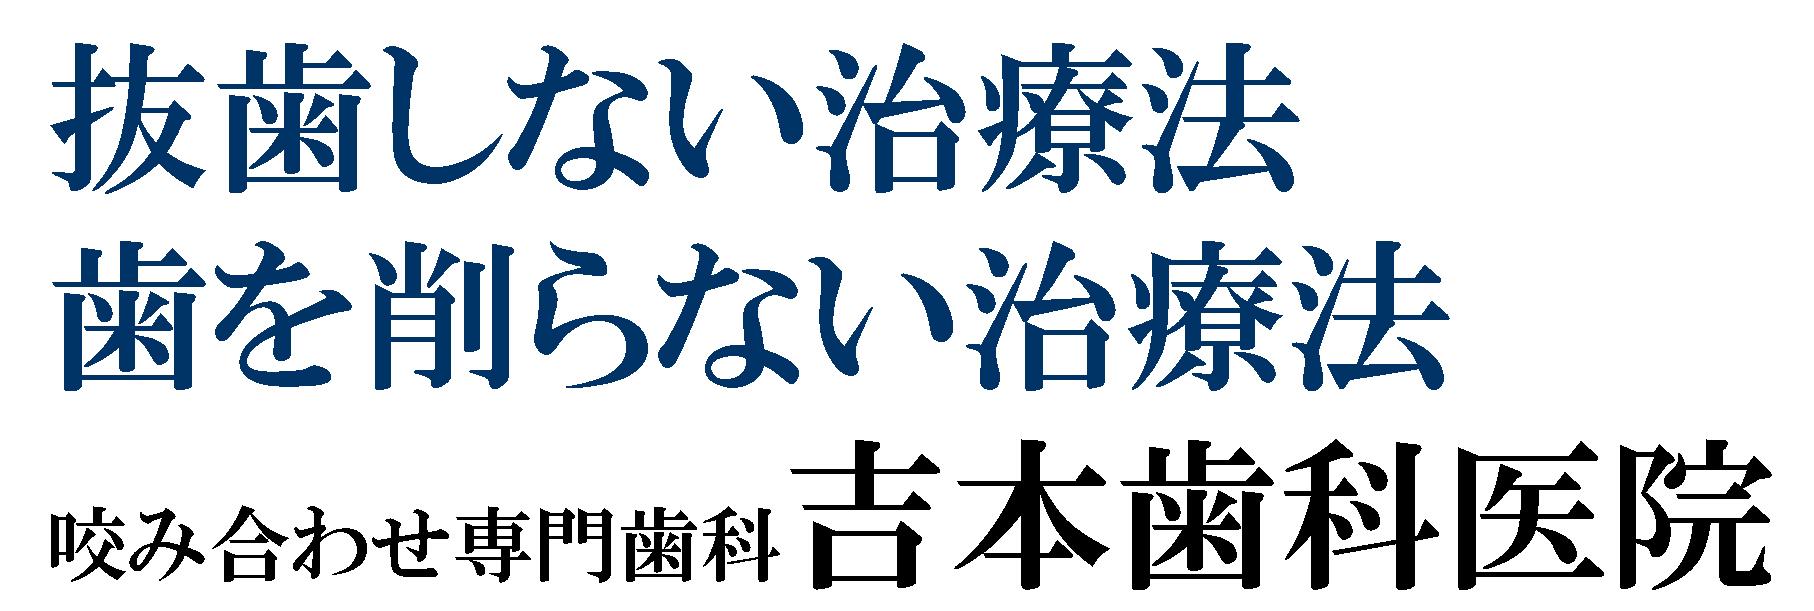 香川県の抜歯しない歯を削らない治療法なら咬み合わせ専門歯科|吉本歯科医院|香川県の社会福祉活動を応援